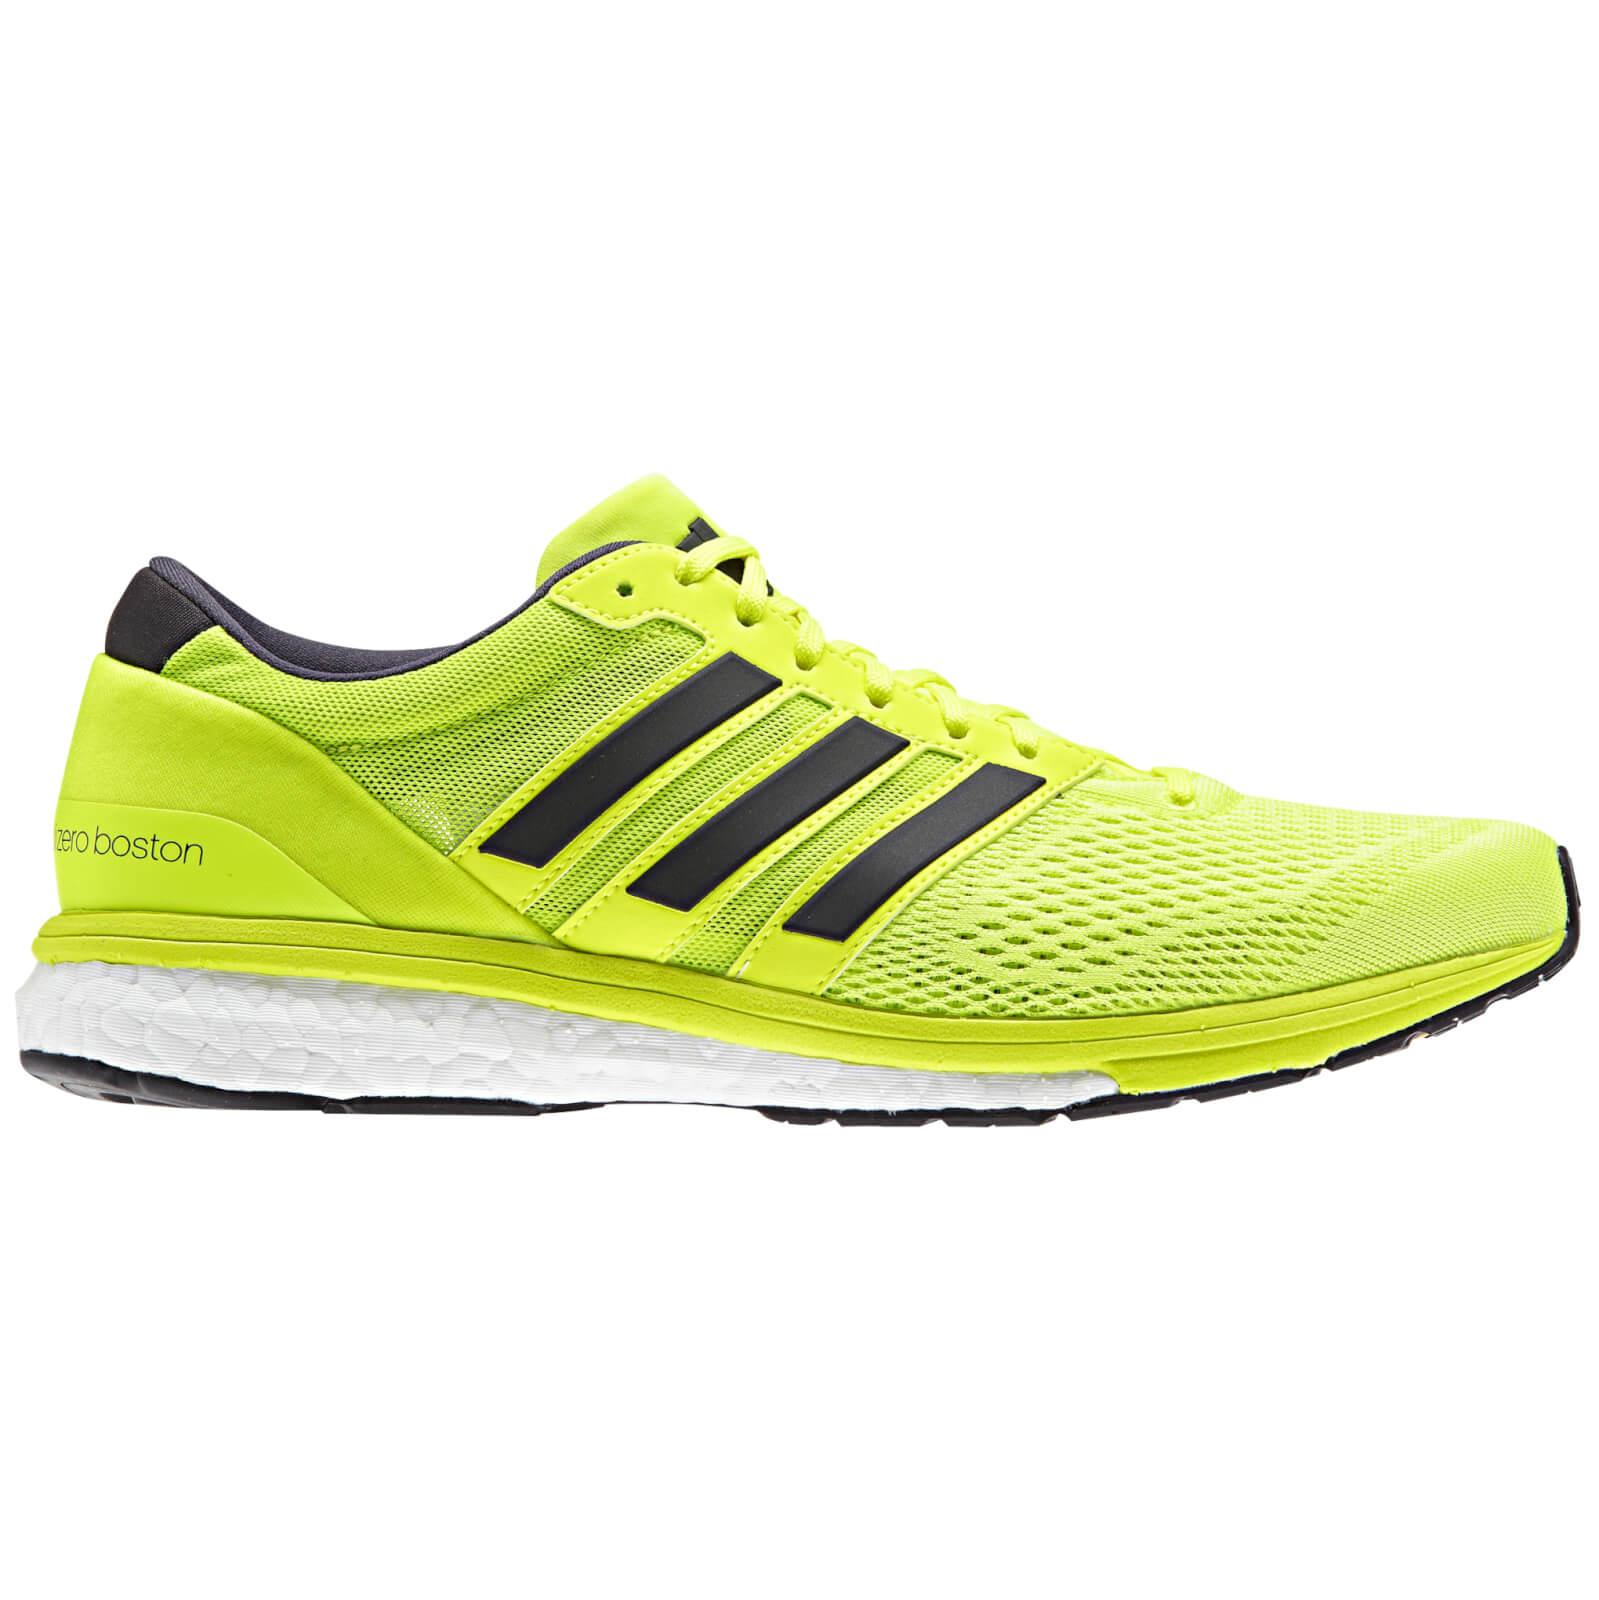 lyst 6 adidas original adizero boston 6 lyst löparskor i gult för män a89654